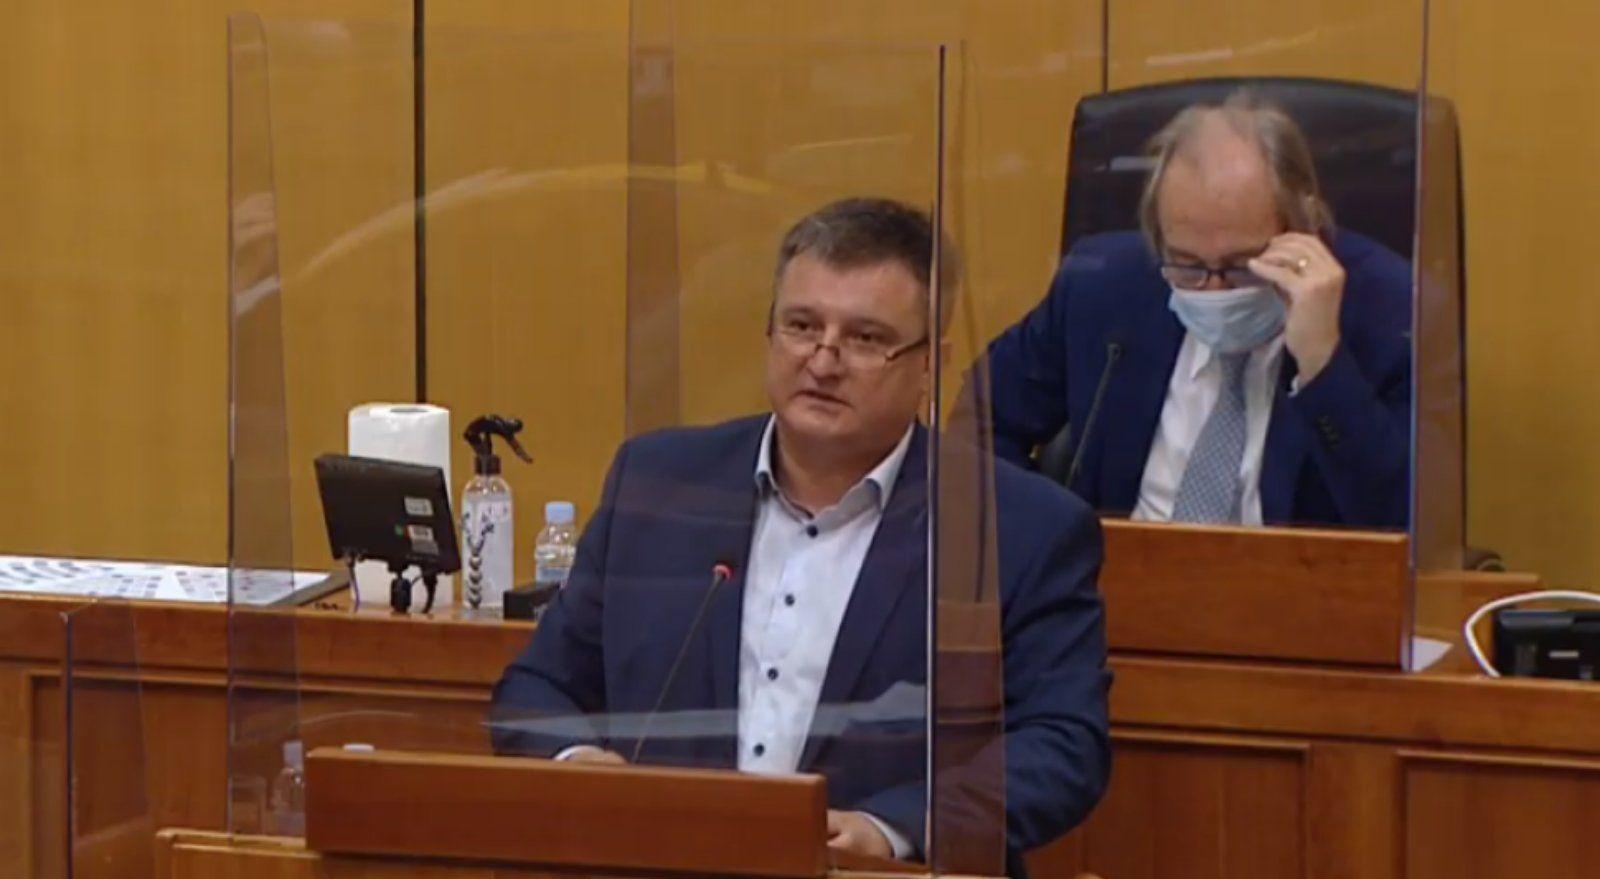 Totgergeli odgovorio: HDZ je za bolnicu, ali ne novcem koji će vraćati jedino građani županije